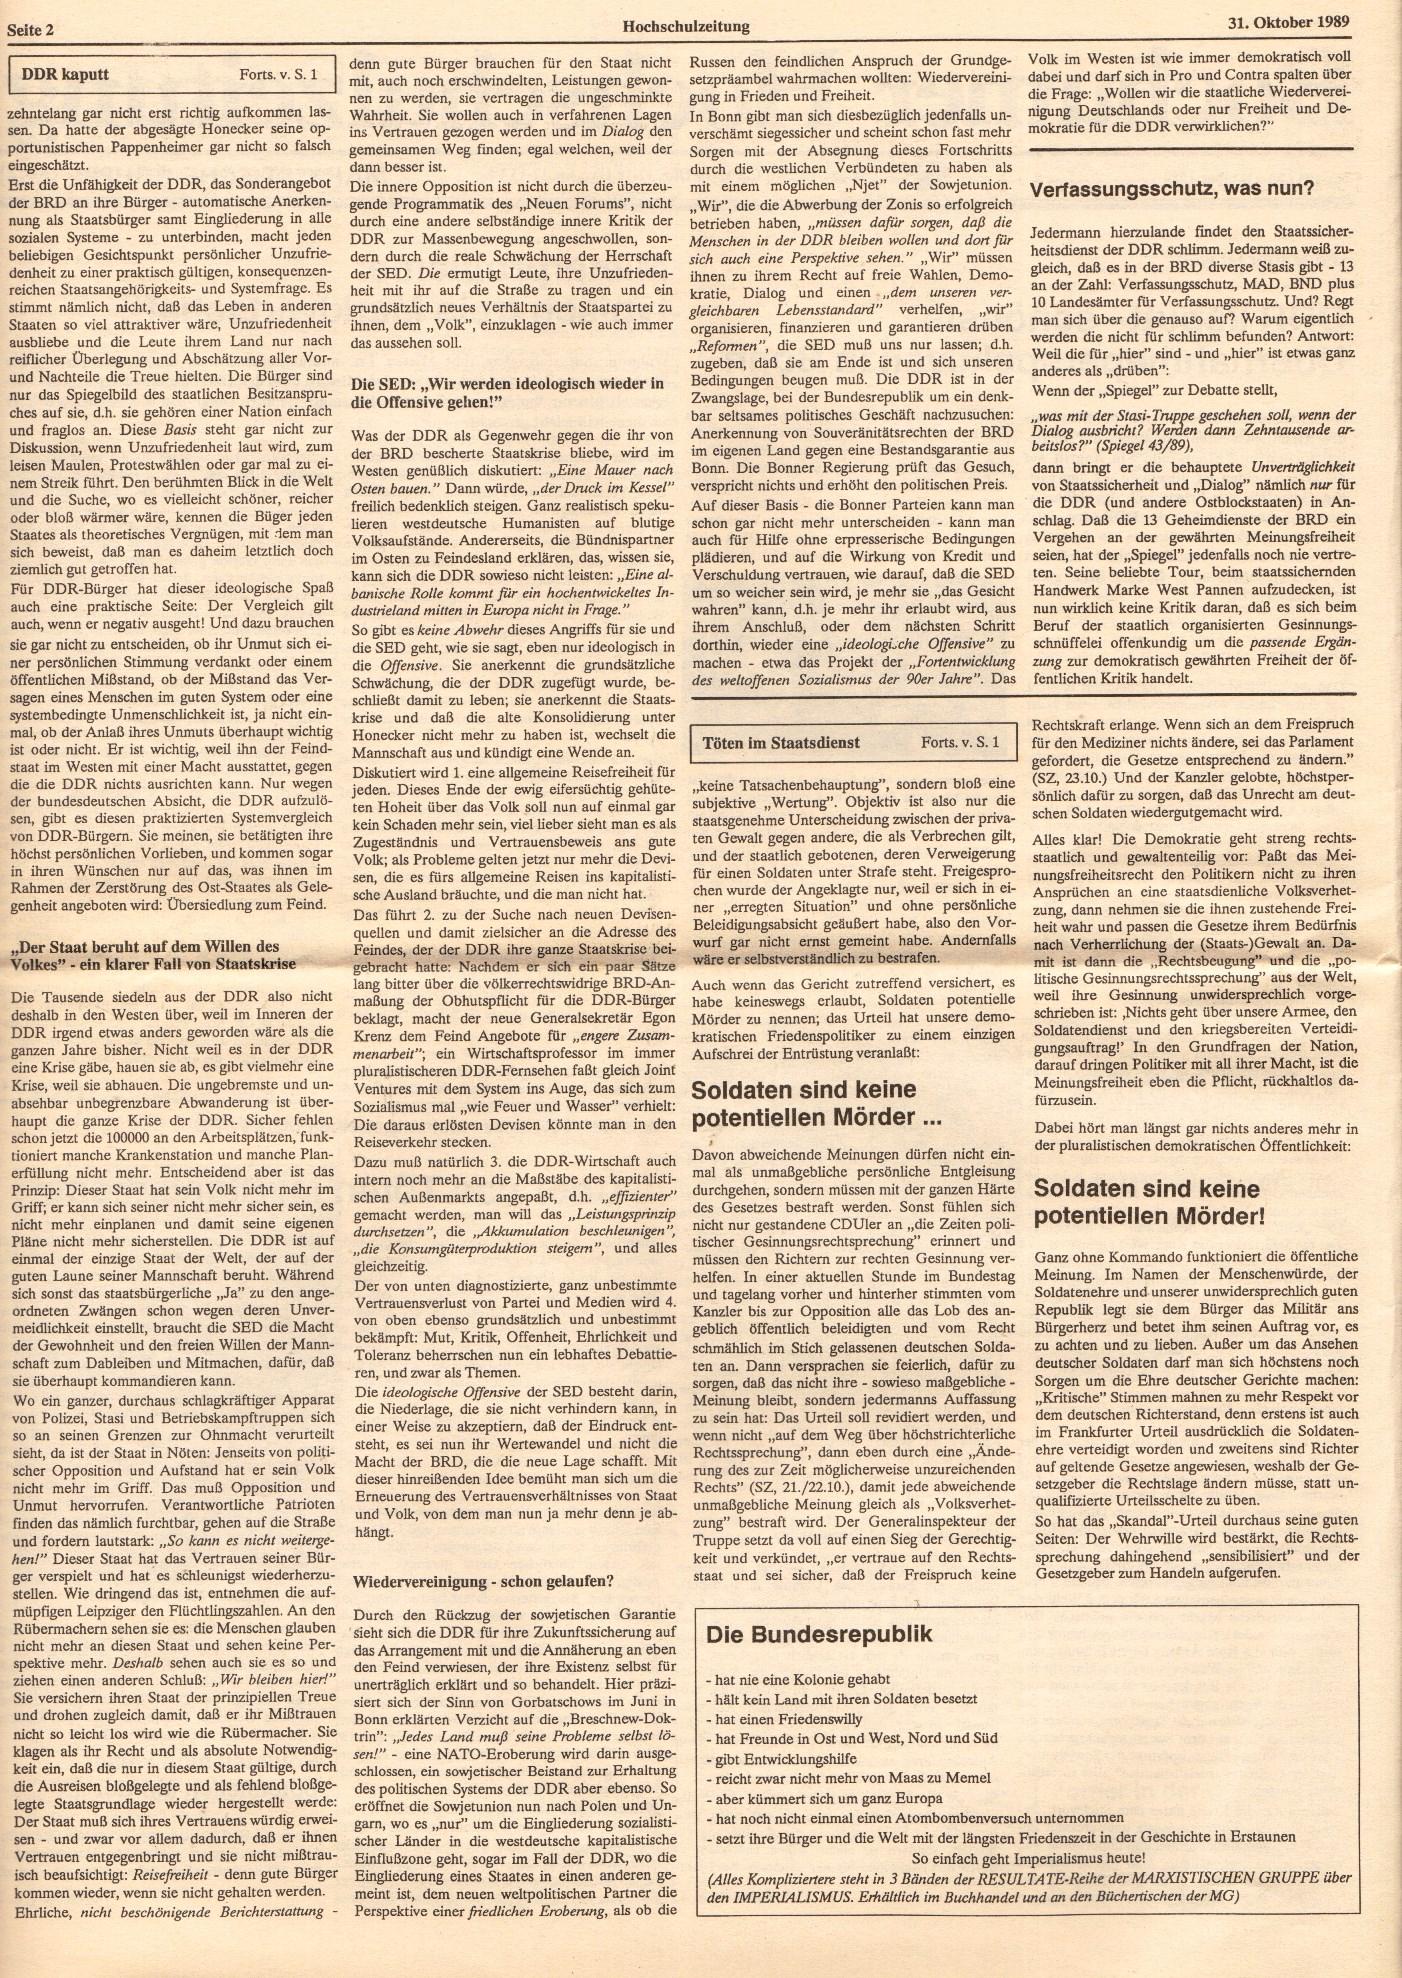 MG_Bochumer_Hochschulzeitung_19891031_02